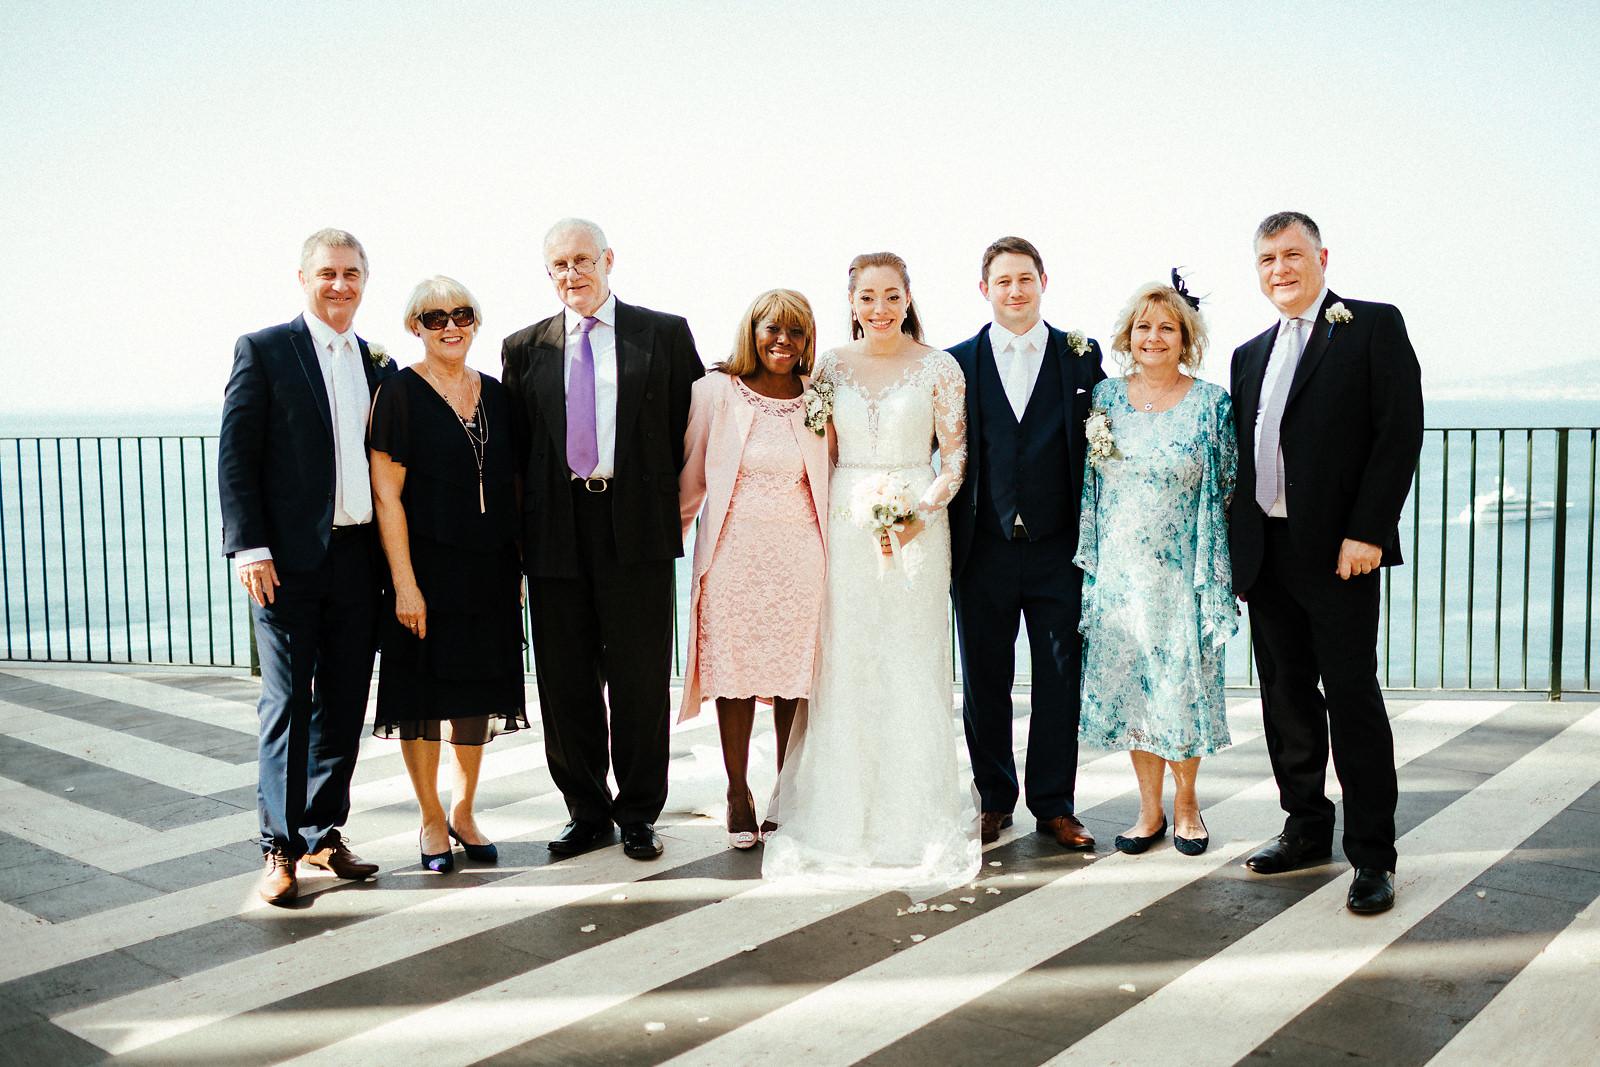 Sorrento villa wedding photography